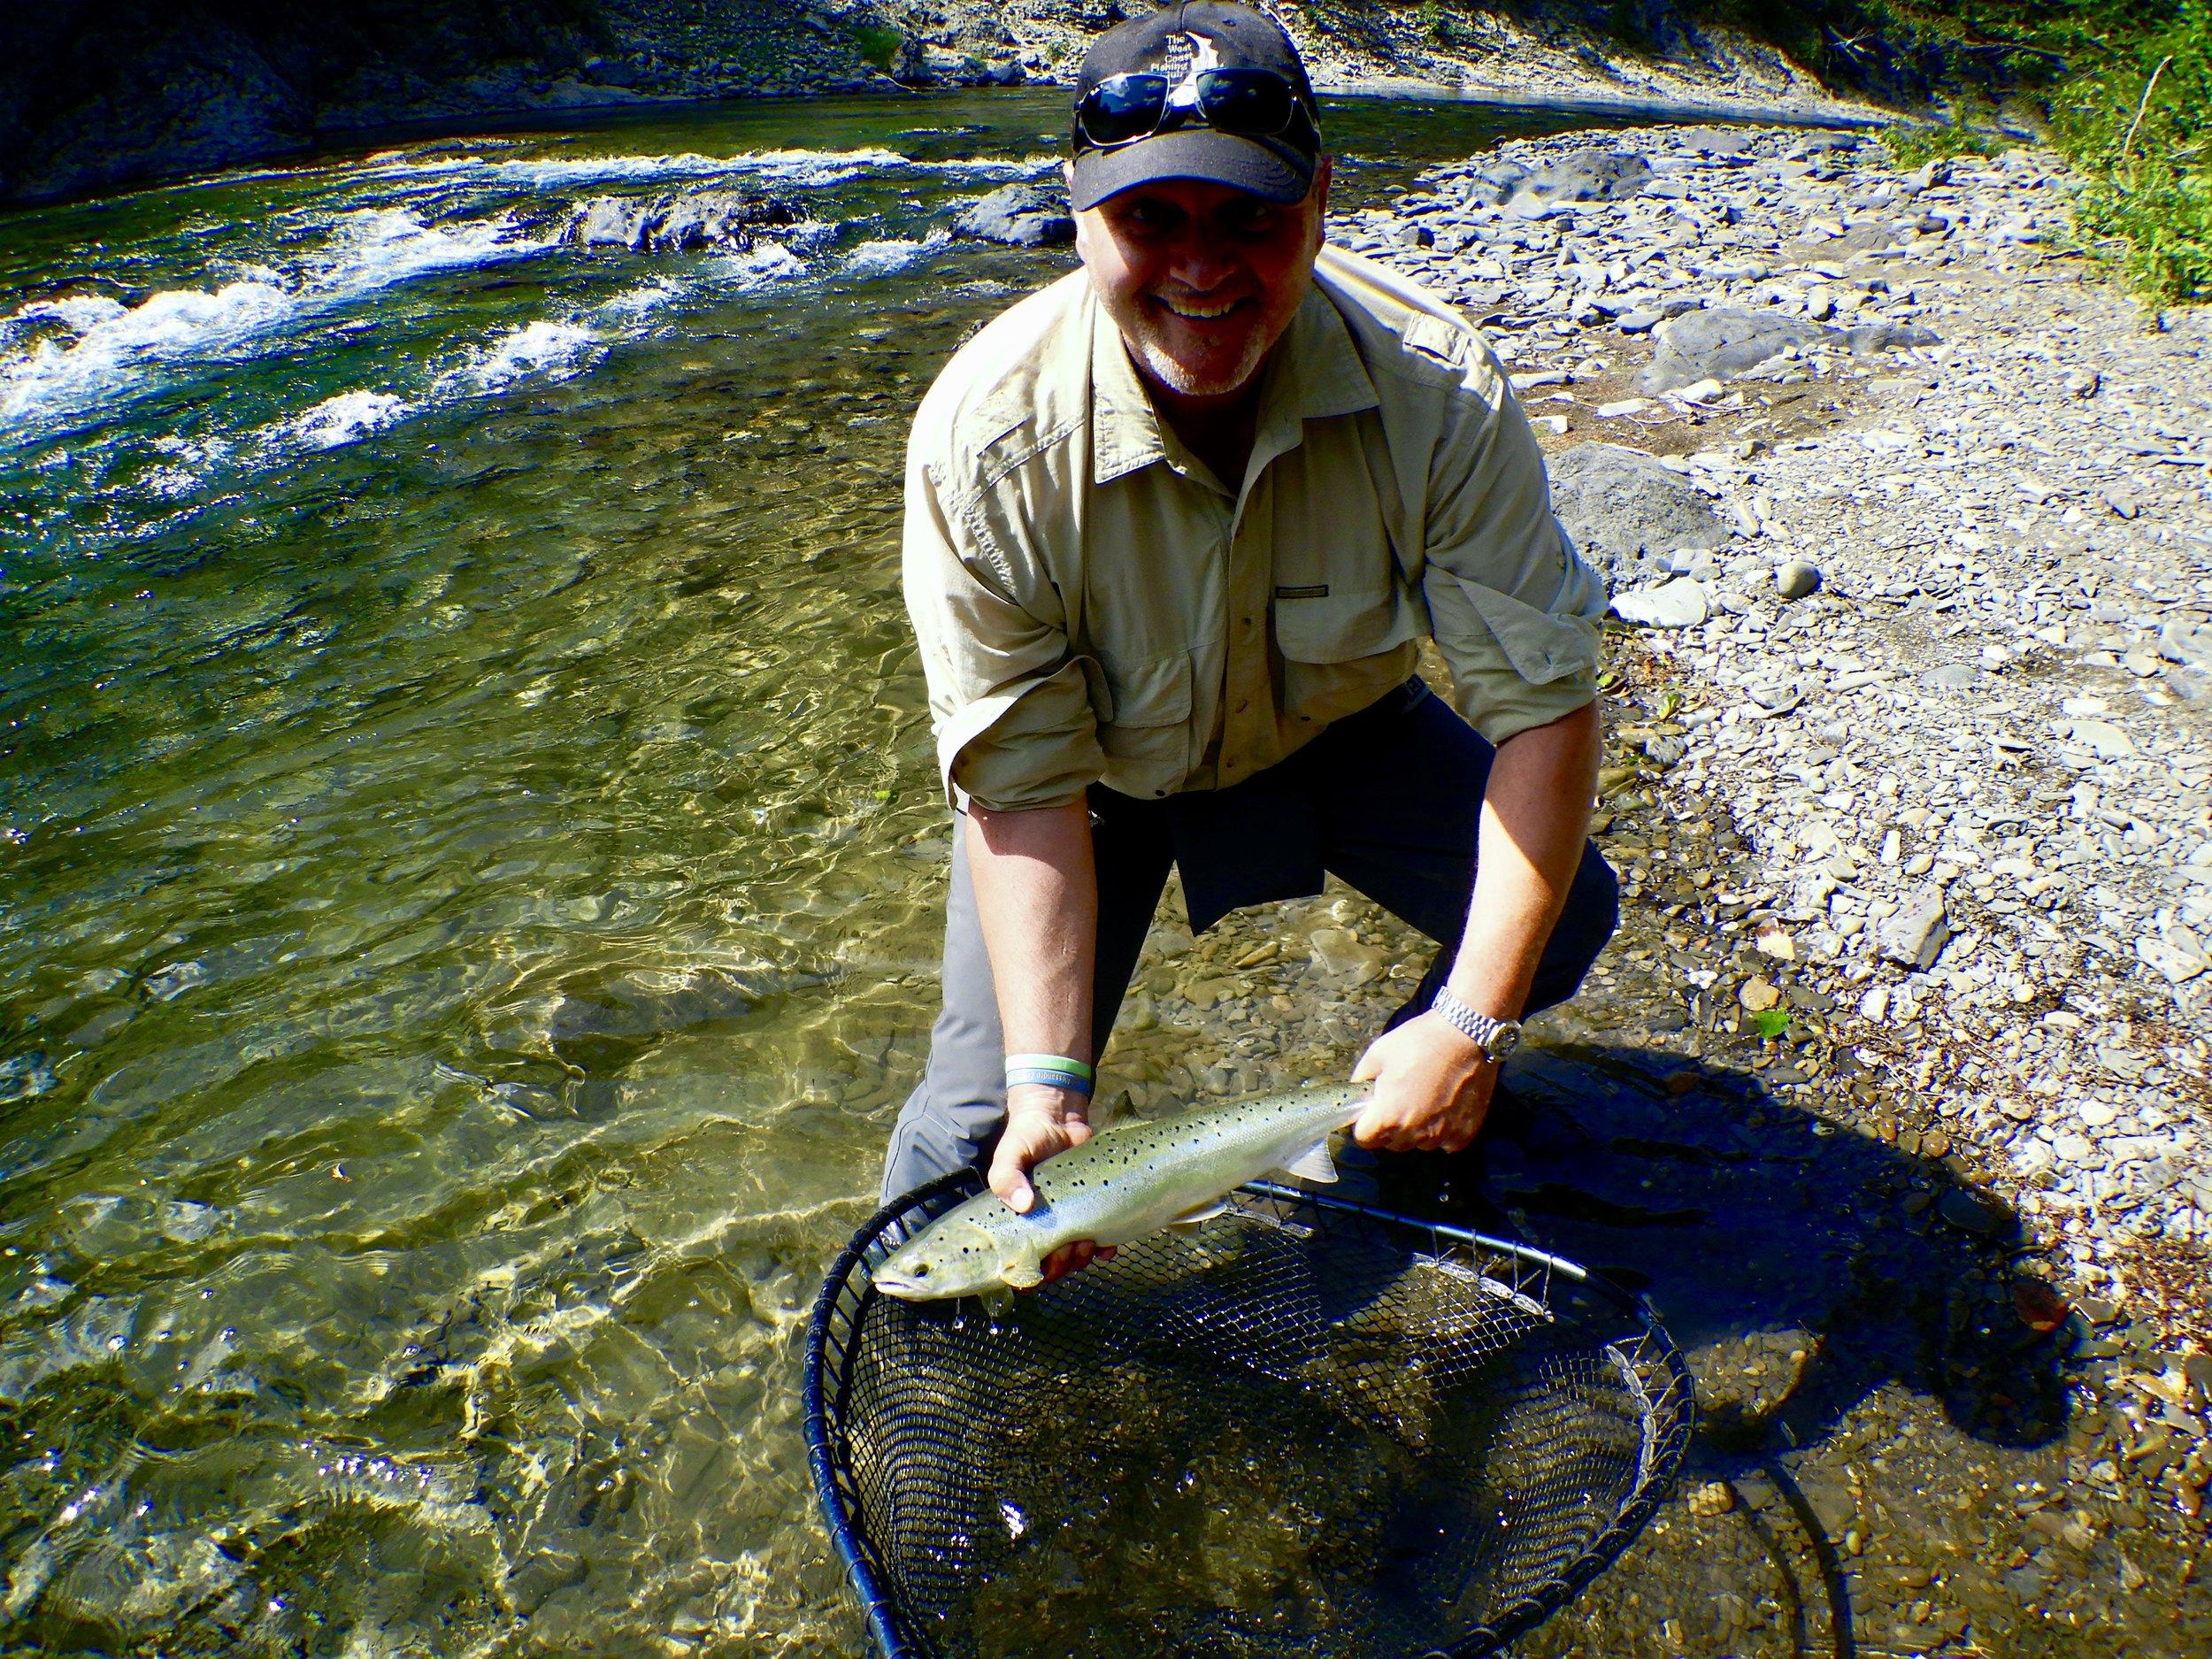 Notre bon ami Raffaele DelliColli remet à l'eau un beau madelineau capturé dans la Bonaventure dès son premier séjour à Salmon Lodge! À l'an prochain, Raffaele!